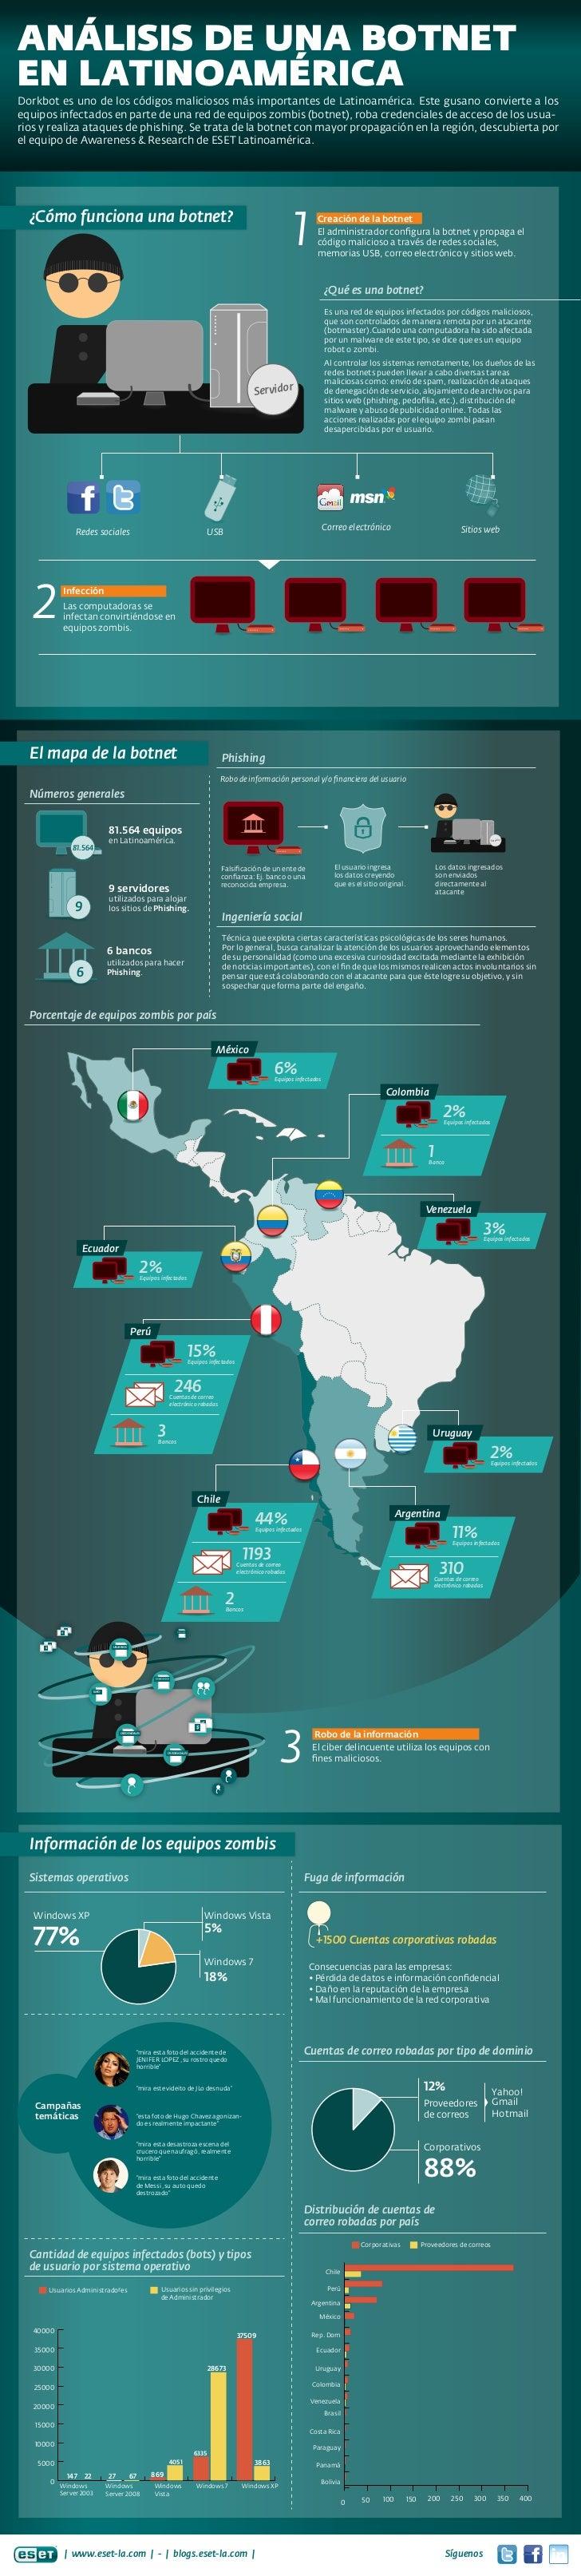 ESET Infografía: Análisis de una botnet en Latinoamérica